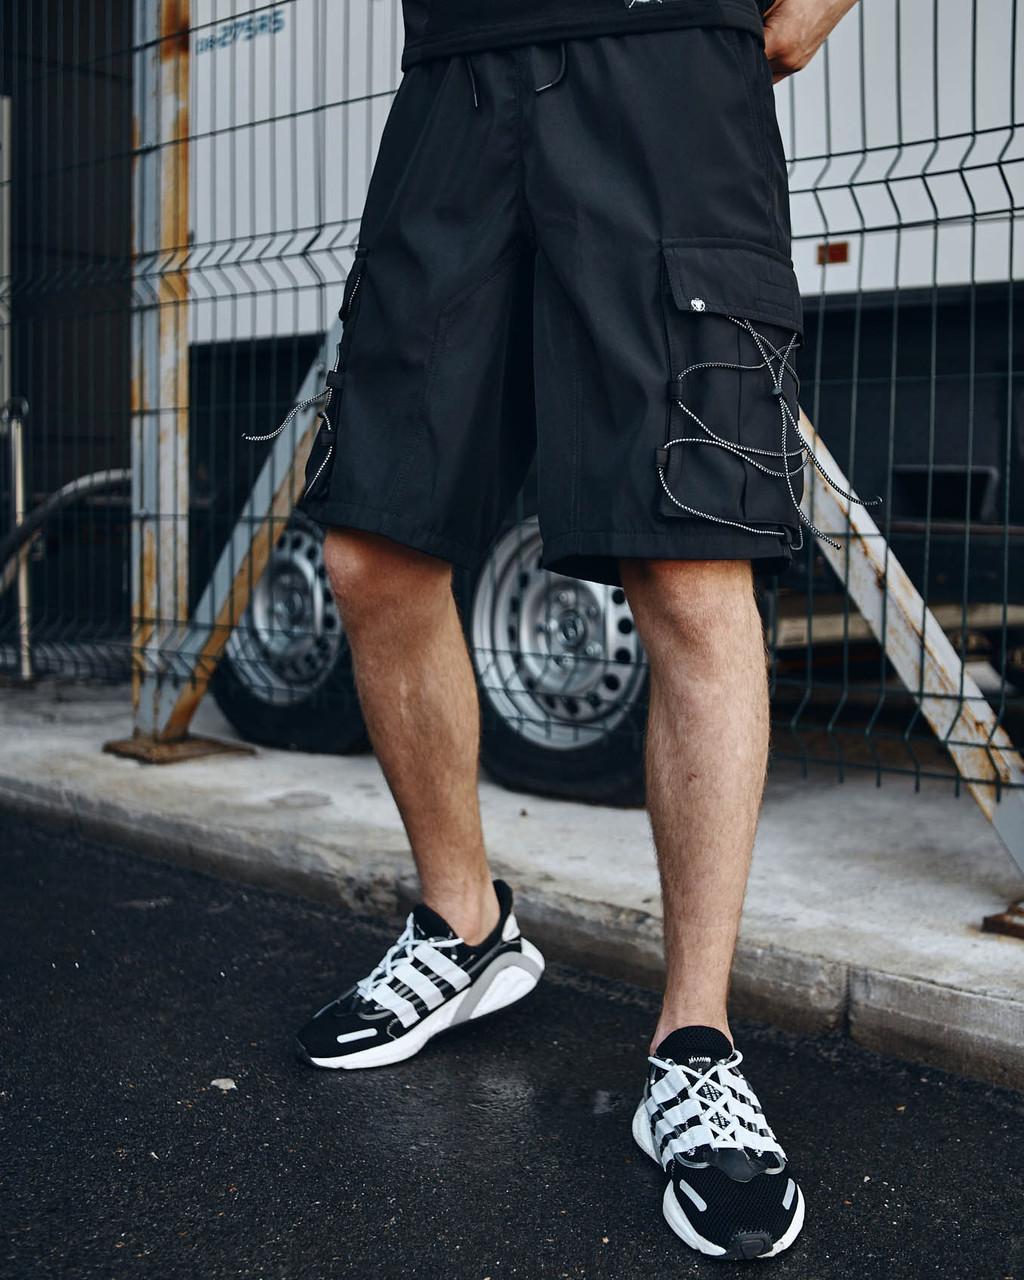 Шорти карго чорні чоловічі рефлективным шнуром Мейсон (Mason) від бренду ТУР розмір S, M, L, XL,XXL L